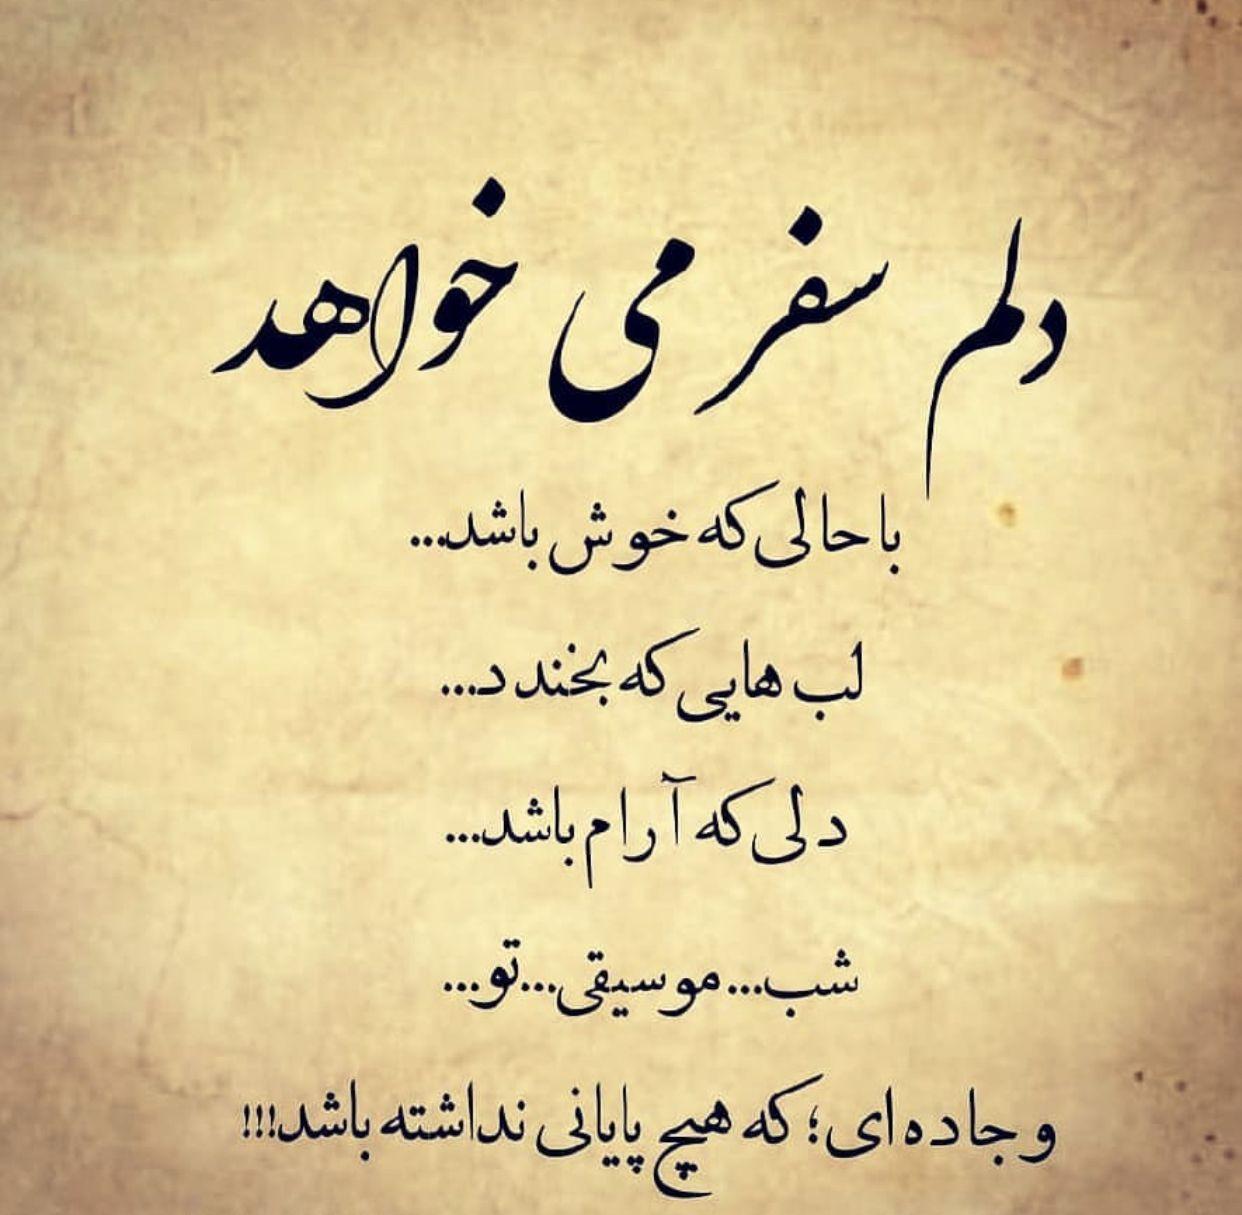 دلم سفر میخواهد Farsi Quotes Persian Poem Calligraphy Life Quotes